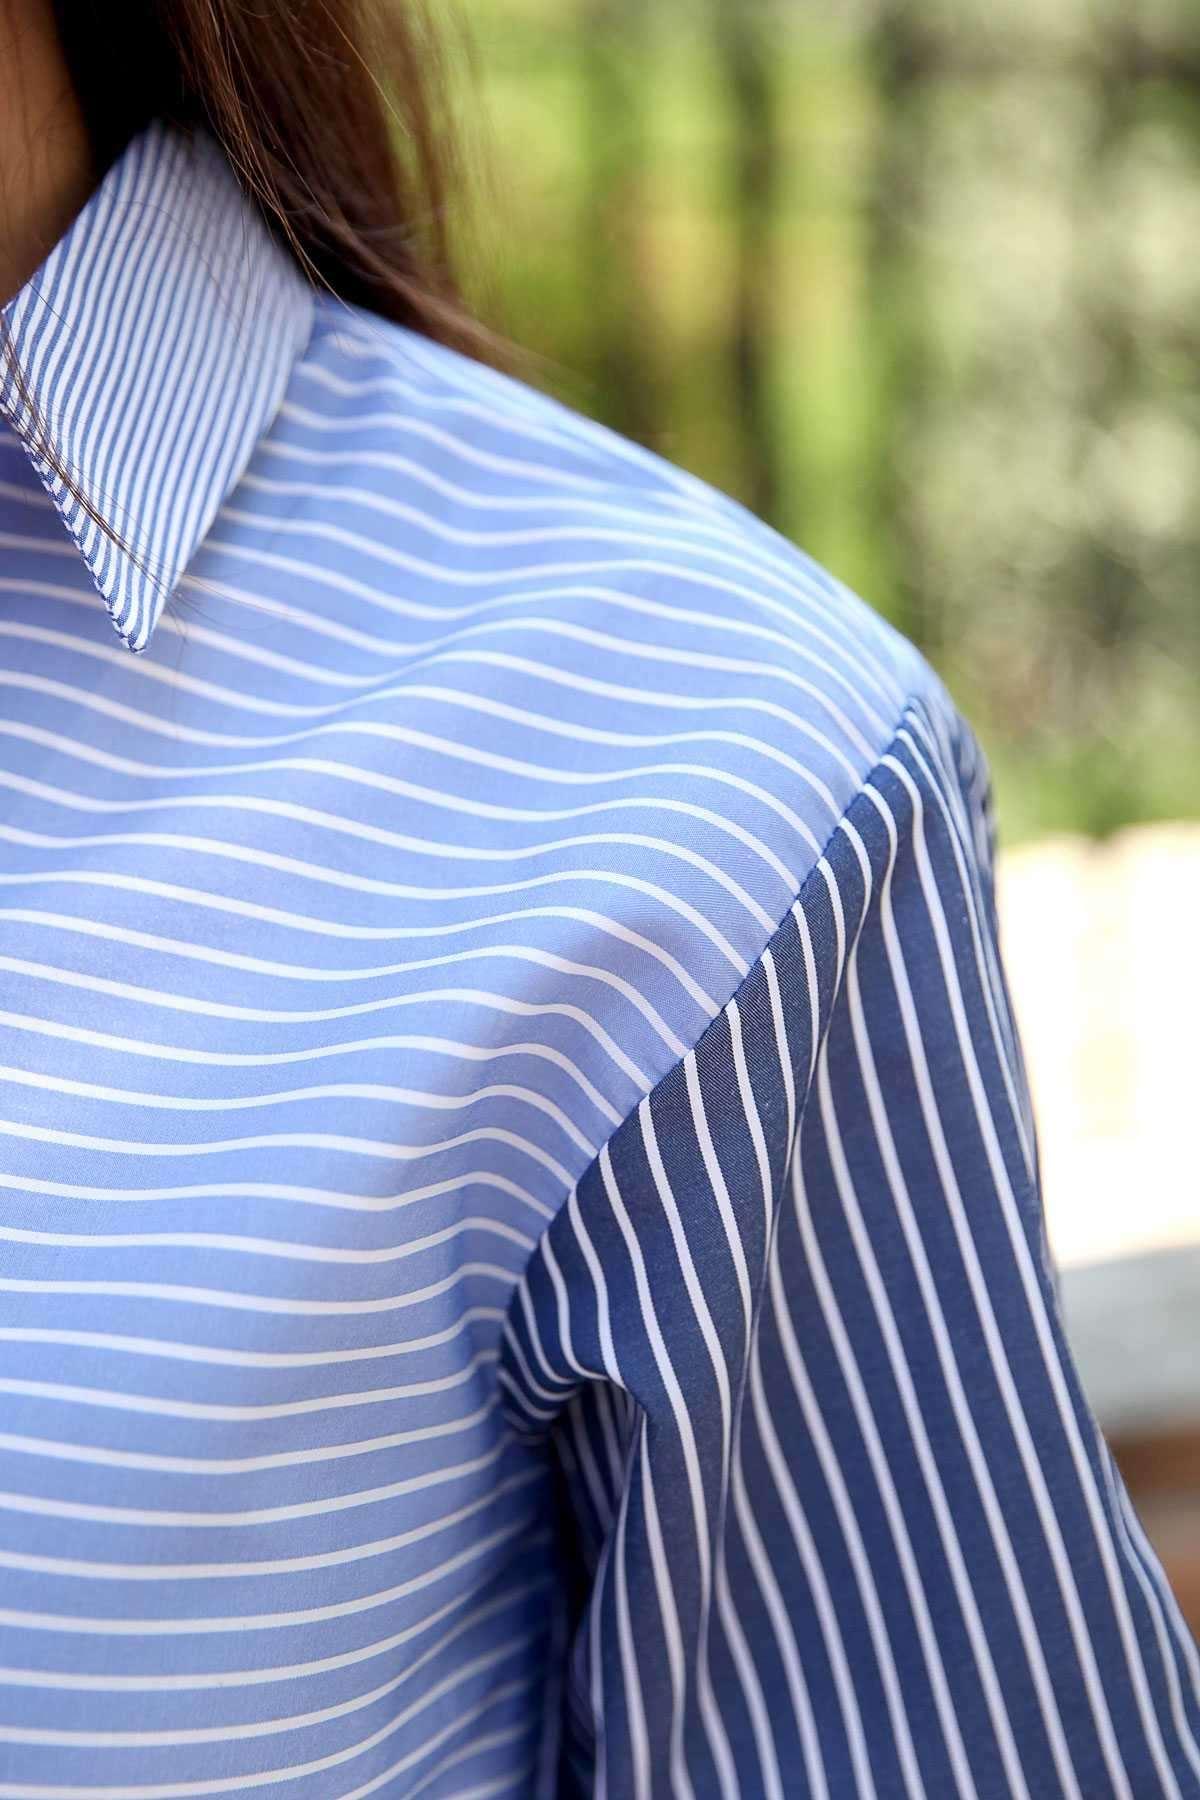 Yarısı Enine Yarısı Boyuna Çizgili Önü Kısa Arkası Uzun Gömlek Lacivert-Mavi